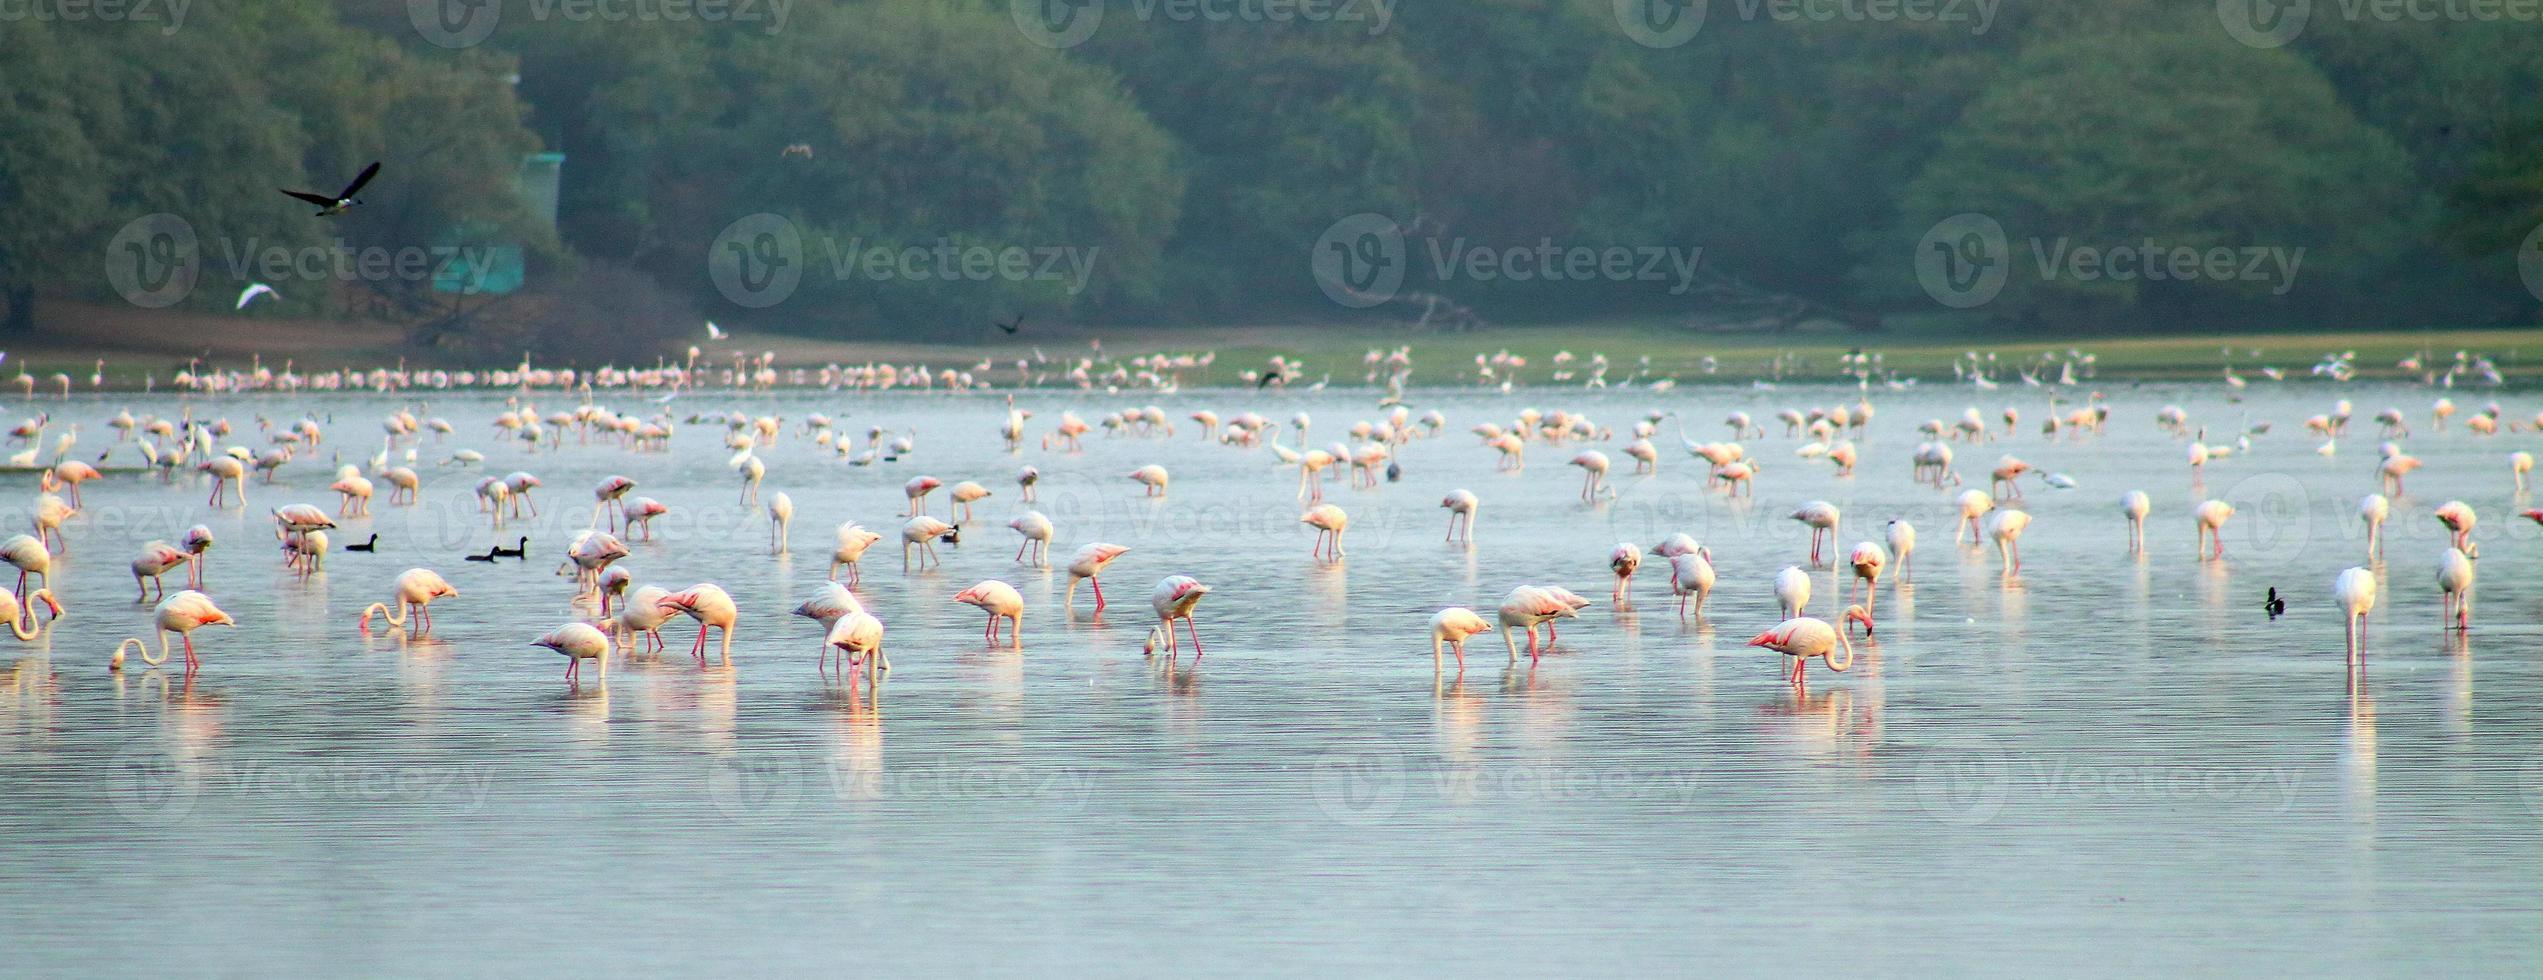 Flamingos!!! photo